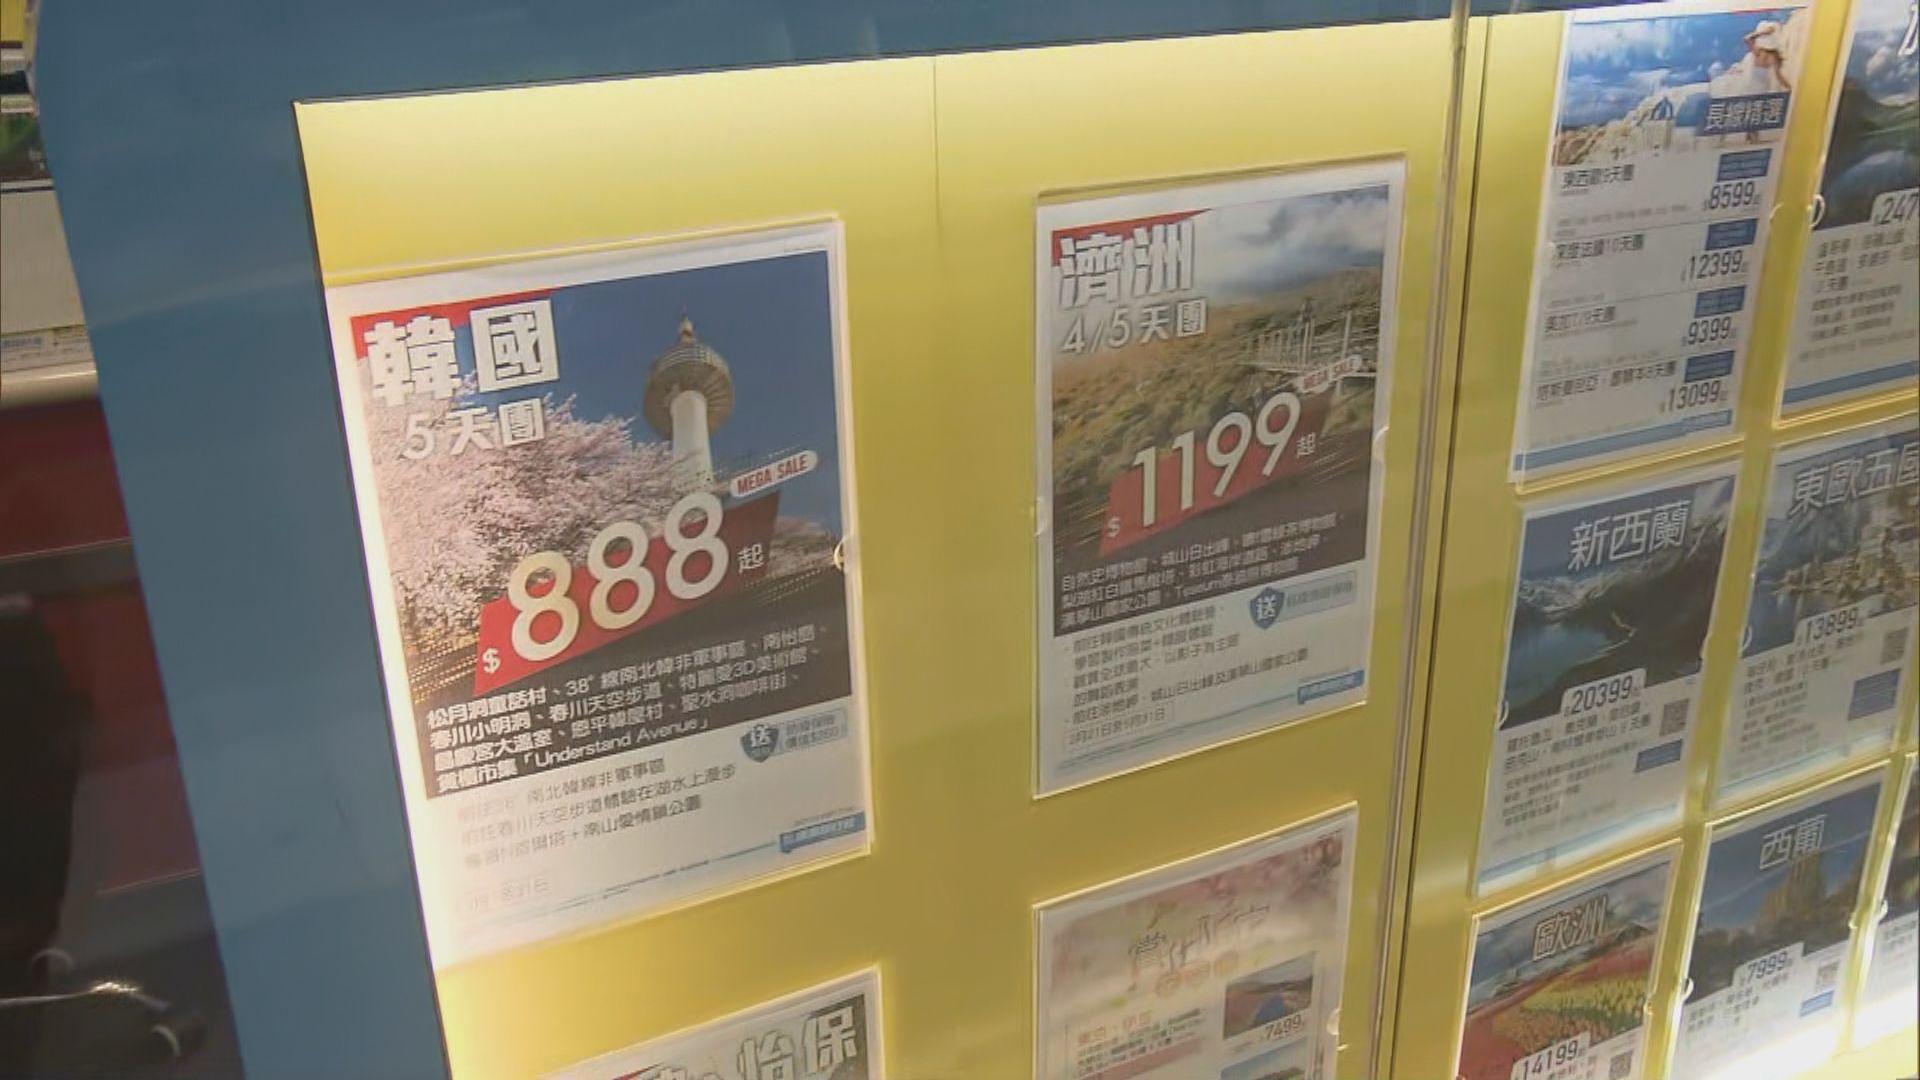 多個二三月南韓旅行團取消 涉至少300團逾五千人